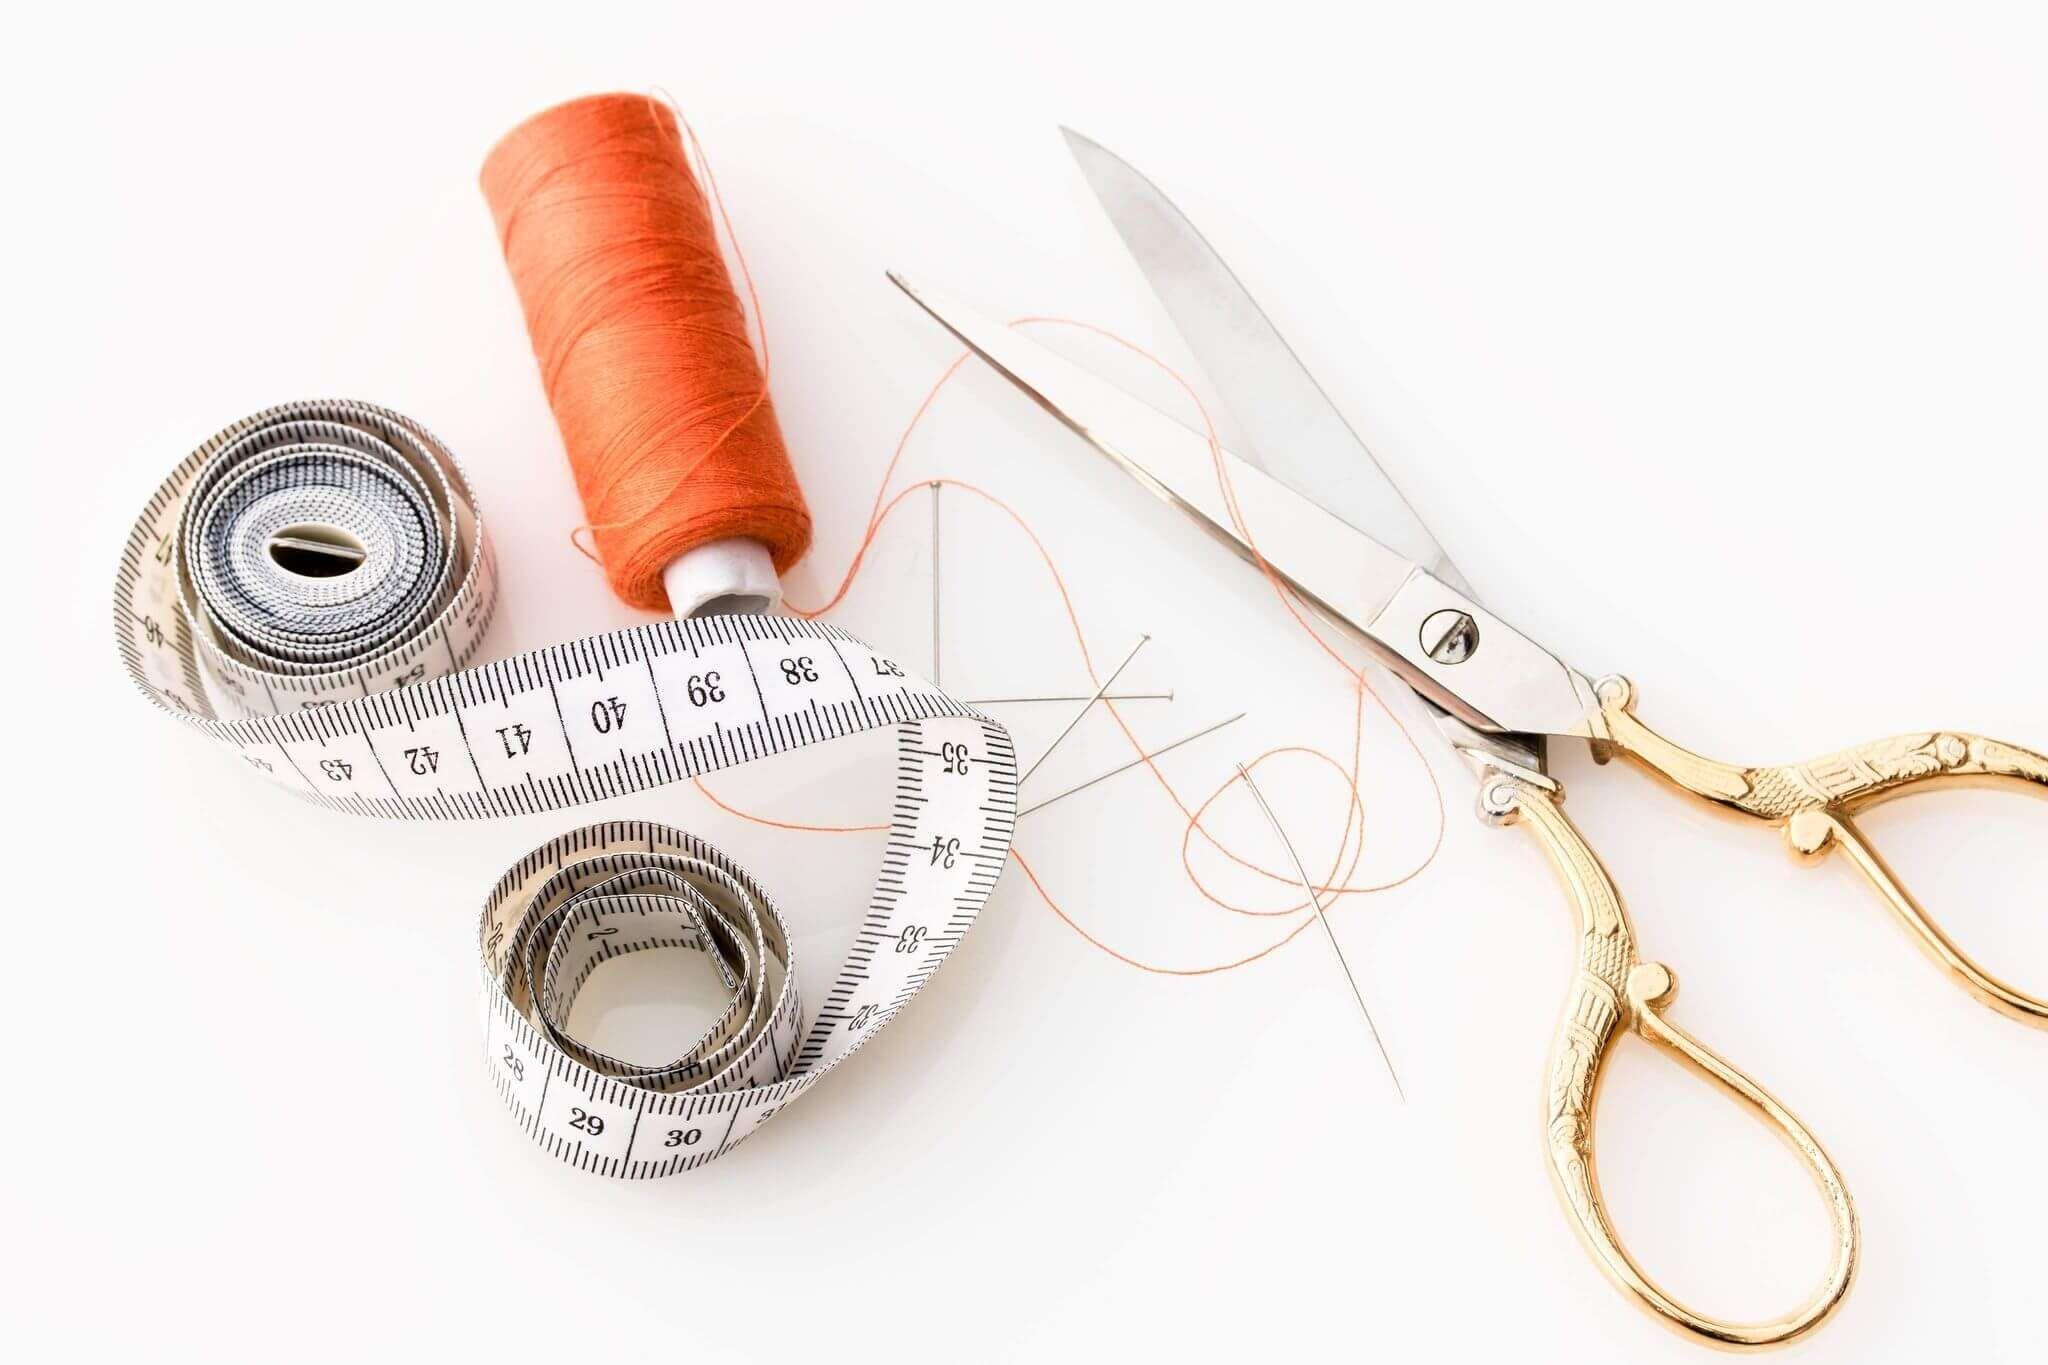 consertos-de-roupas-em-sao-paulo-9566100